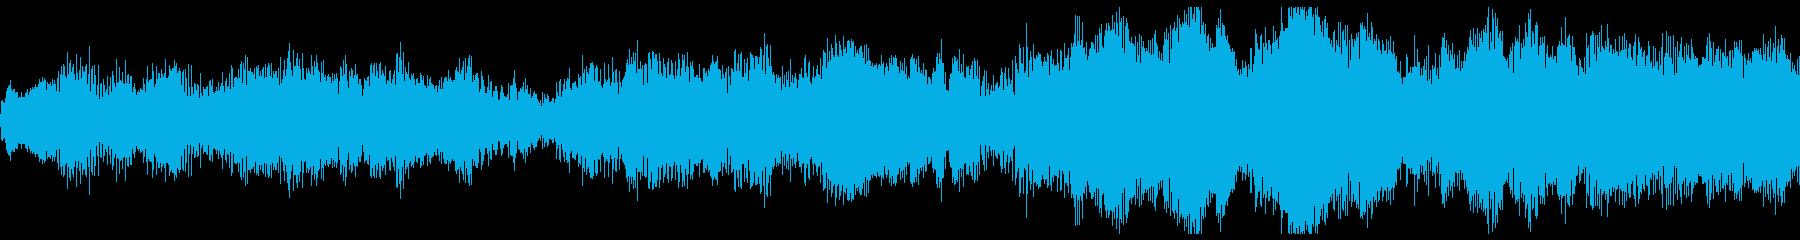 現代的 交響曲 緊張感 ファンタジ...の再生済みの波形